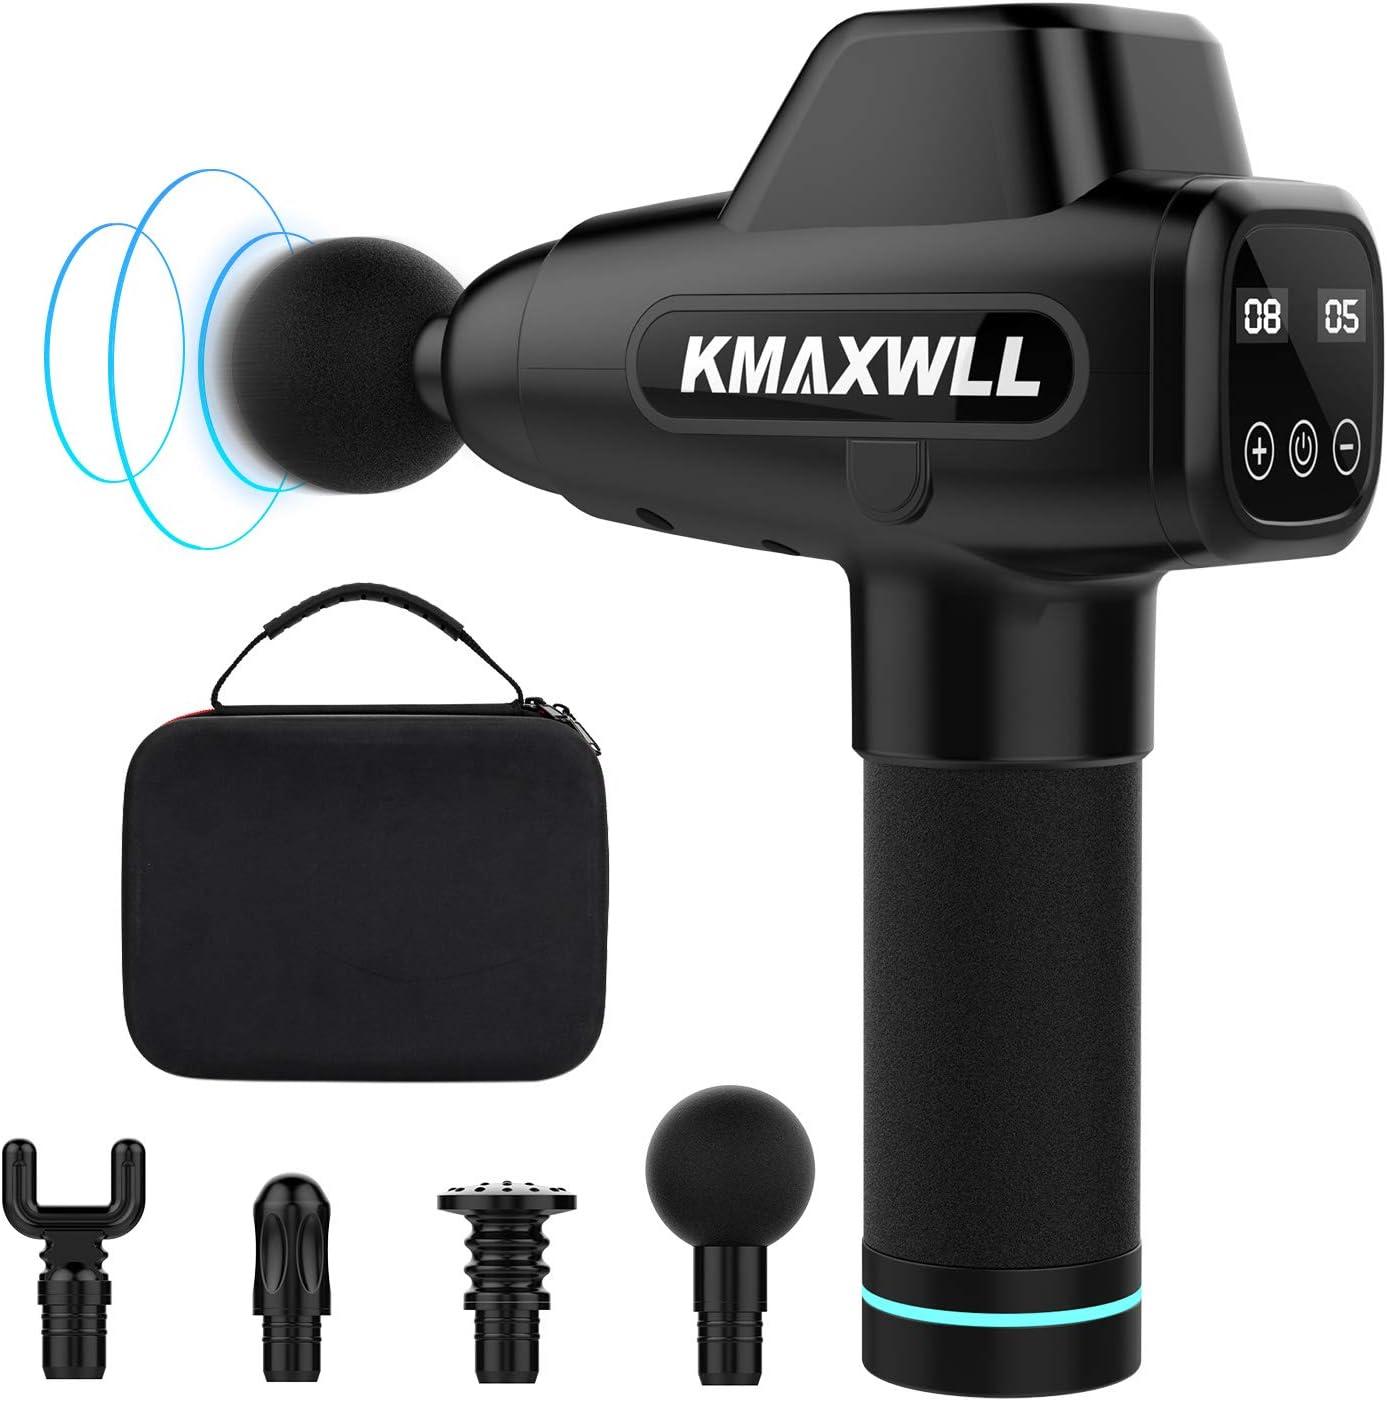 Kmaxwll 2400mAh 20 Speeds Deep Tissue Massage Gun $29.97 Coupon